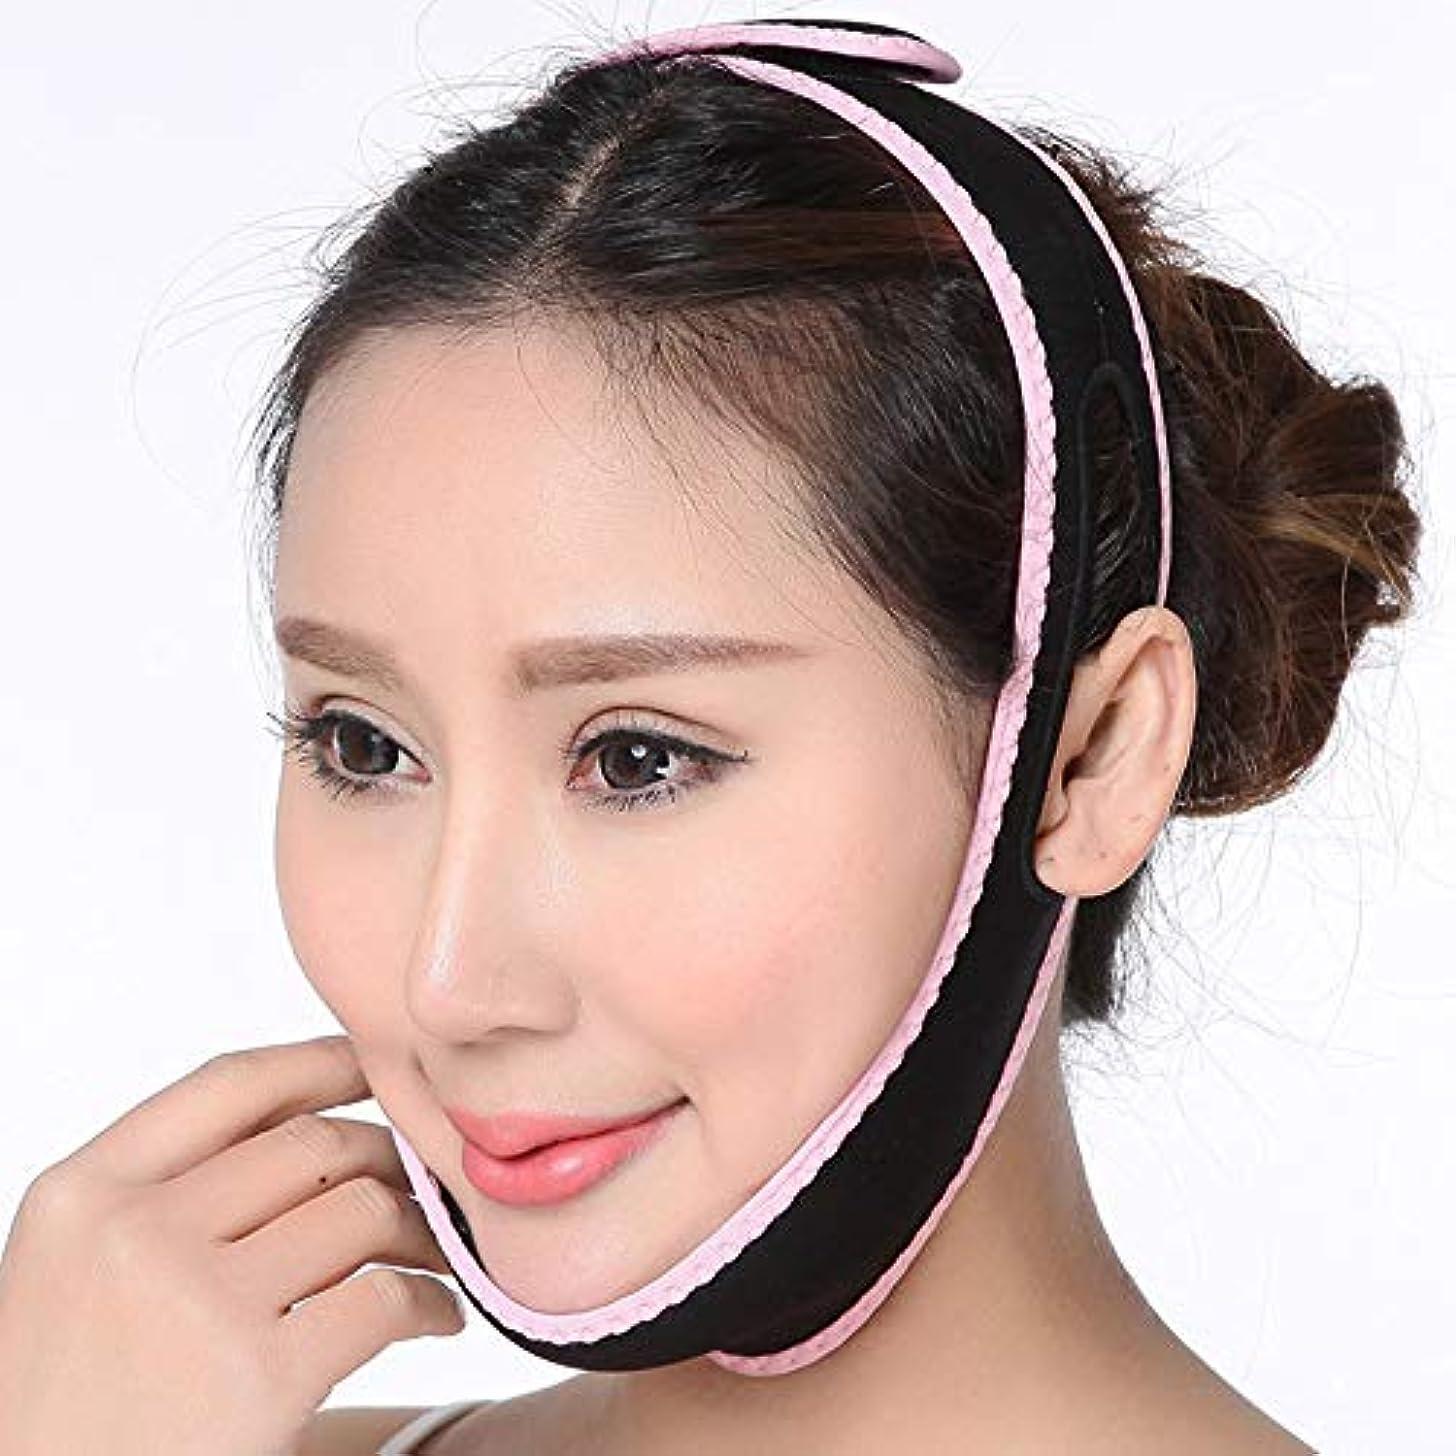 アルファベット足首ボリューム顔面持ち上げ器具、vフェイス、顔持ち上げ包帯、ハーフパッケージマスク、持ち上げと締め付け、ユニセックス